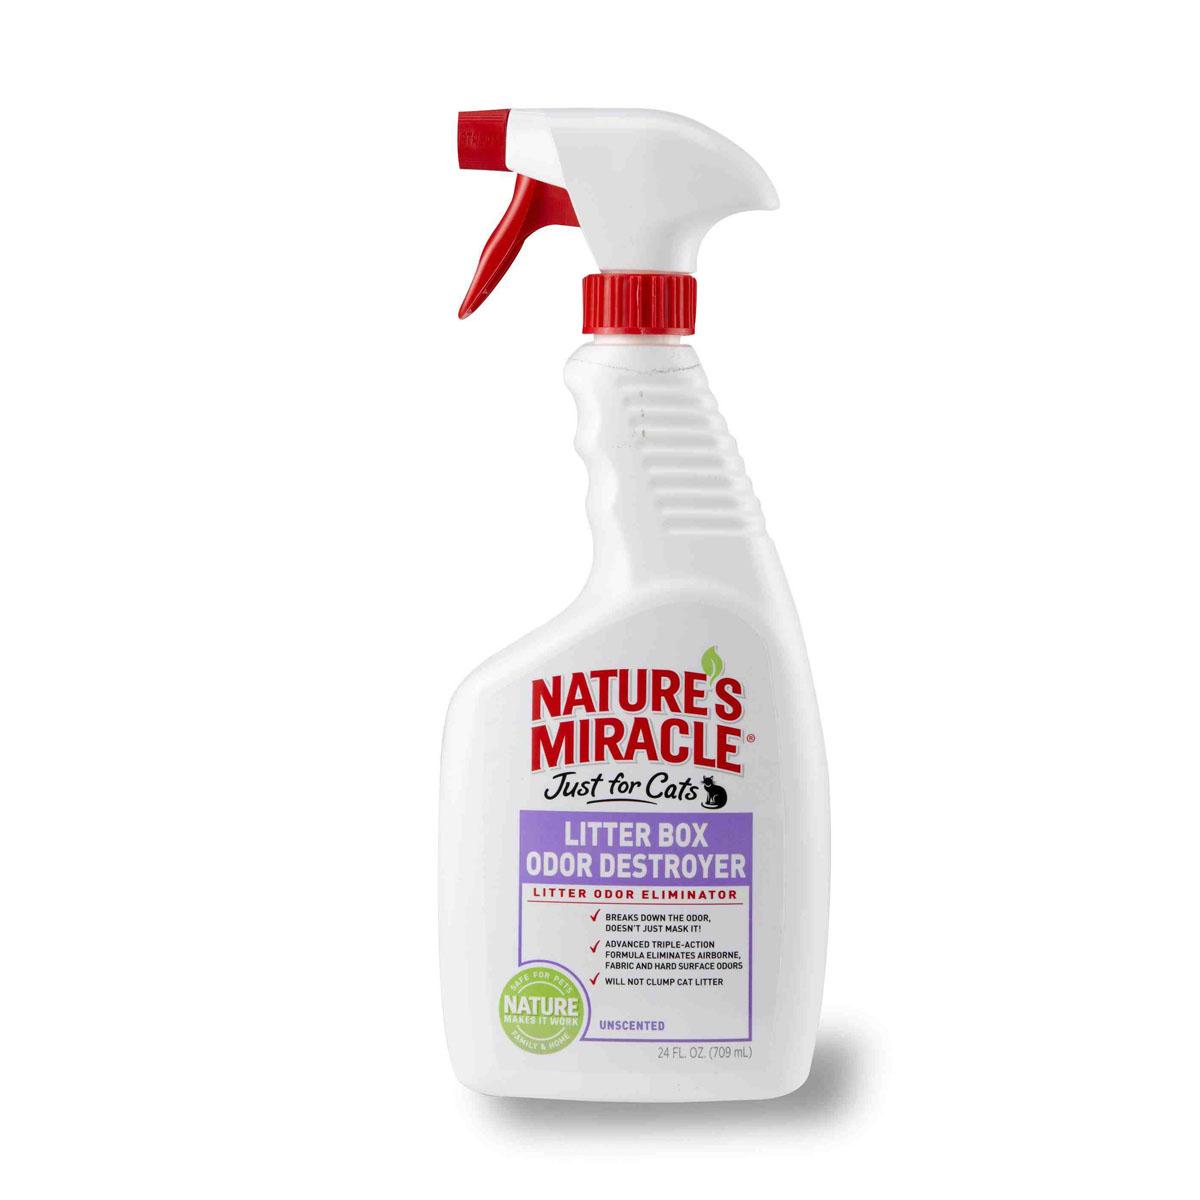 Спрей 8 in 1 Natures Miracle, для устранения запаха кошачьего туалета, 709 мл5055521Спрей 8 in 1 Natures Miracle нейтрализует резкие запахи в кошачьем туалете, в воздухе, на тканях и твердых поверхностях! Технология захвата запахов начинает устранять даже самые стойкие запахи туалета сразу после контакта с ними. Безопасен для использования с любыми наполнителями и на любых поверхностях. Другие уничтожители неприятного запаха только маскируют запах от первоисточника, в то время как инновационная формула спрея вступает в контакт с неприятными запахами, устраняя их с любой поверхности. Не содержит ароматизаторов и не раздражает кошек. Может использоваться с любыми наполнителями, не комкует наполнители. Распылите средство в воздухе или в туалет животного, на его подстилку, клетки, диваны, ковры или любое другое место, которое посещает ваша кошка! При правильном применении безопасен для использования вблизи детей и животных. Способ применения: Устранение запахов в кошачьем туалете: обильно распылите в кошачьем туалете после использования...